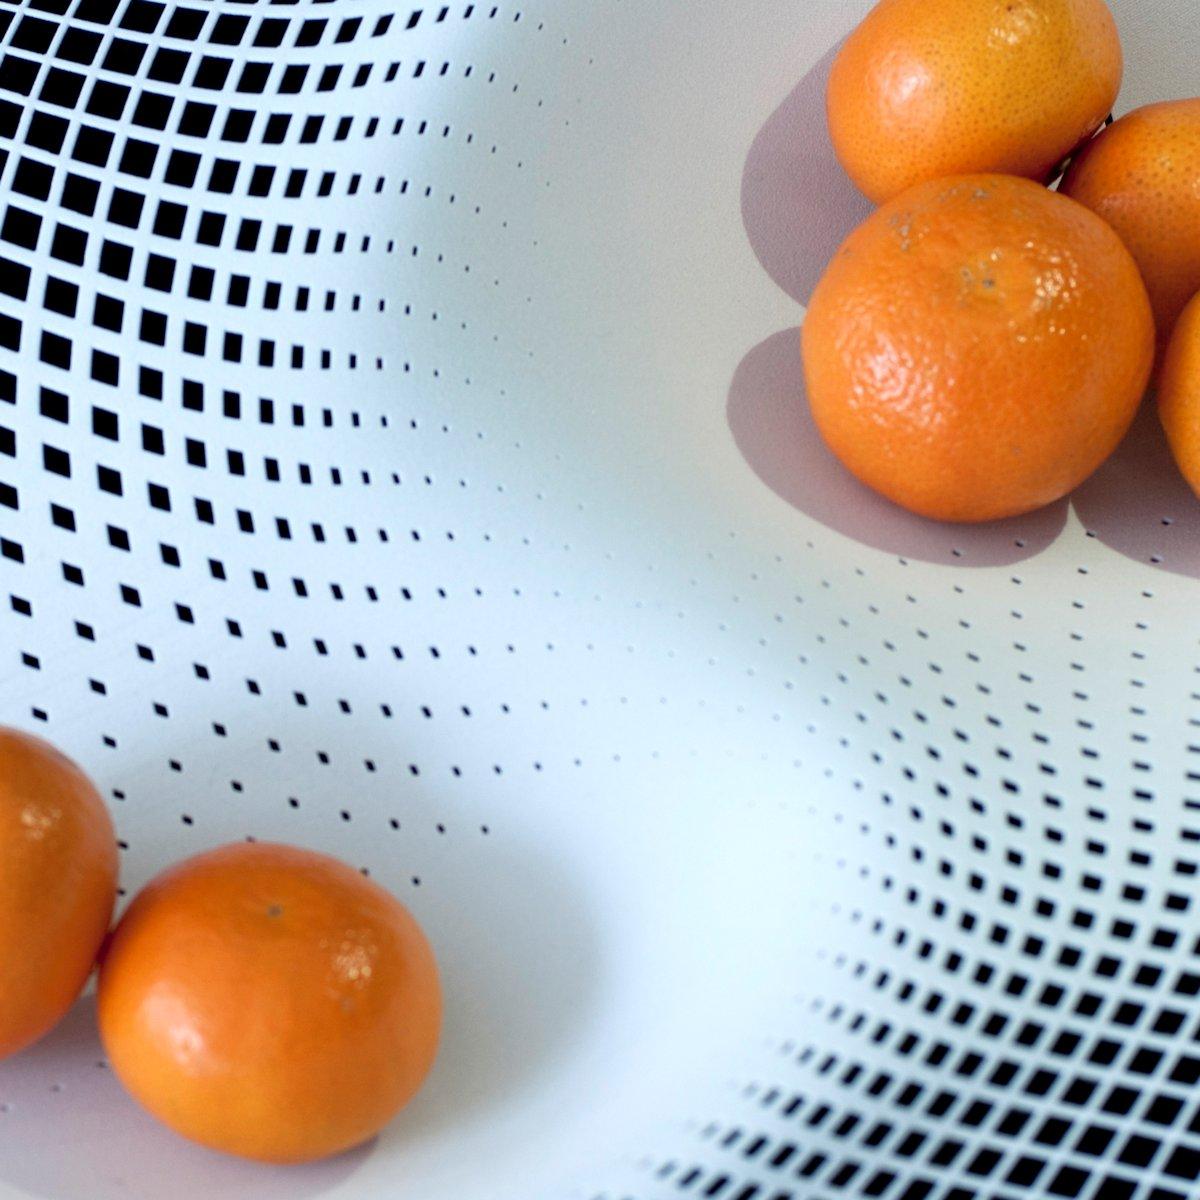 Дизайнер Алессандро Исола, дизайнер Alessandro Isola, Alessandro Isola, Dunes Bowl, подставка под фрукты Dunes Bowl, модели для 3D печати